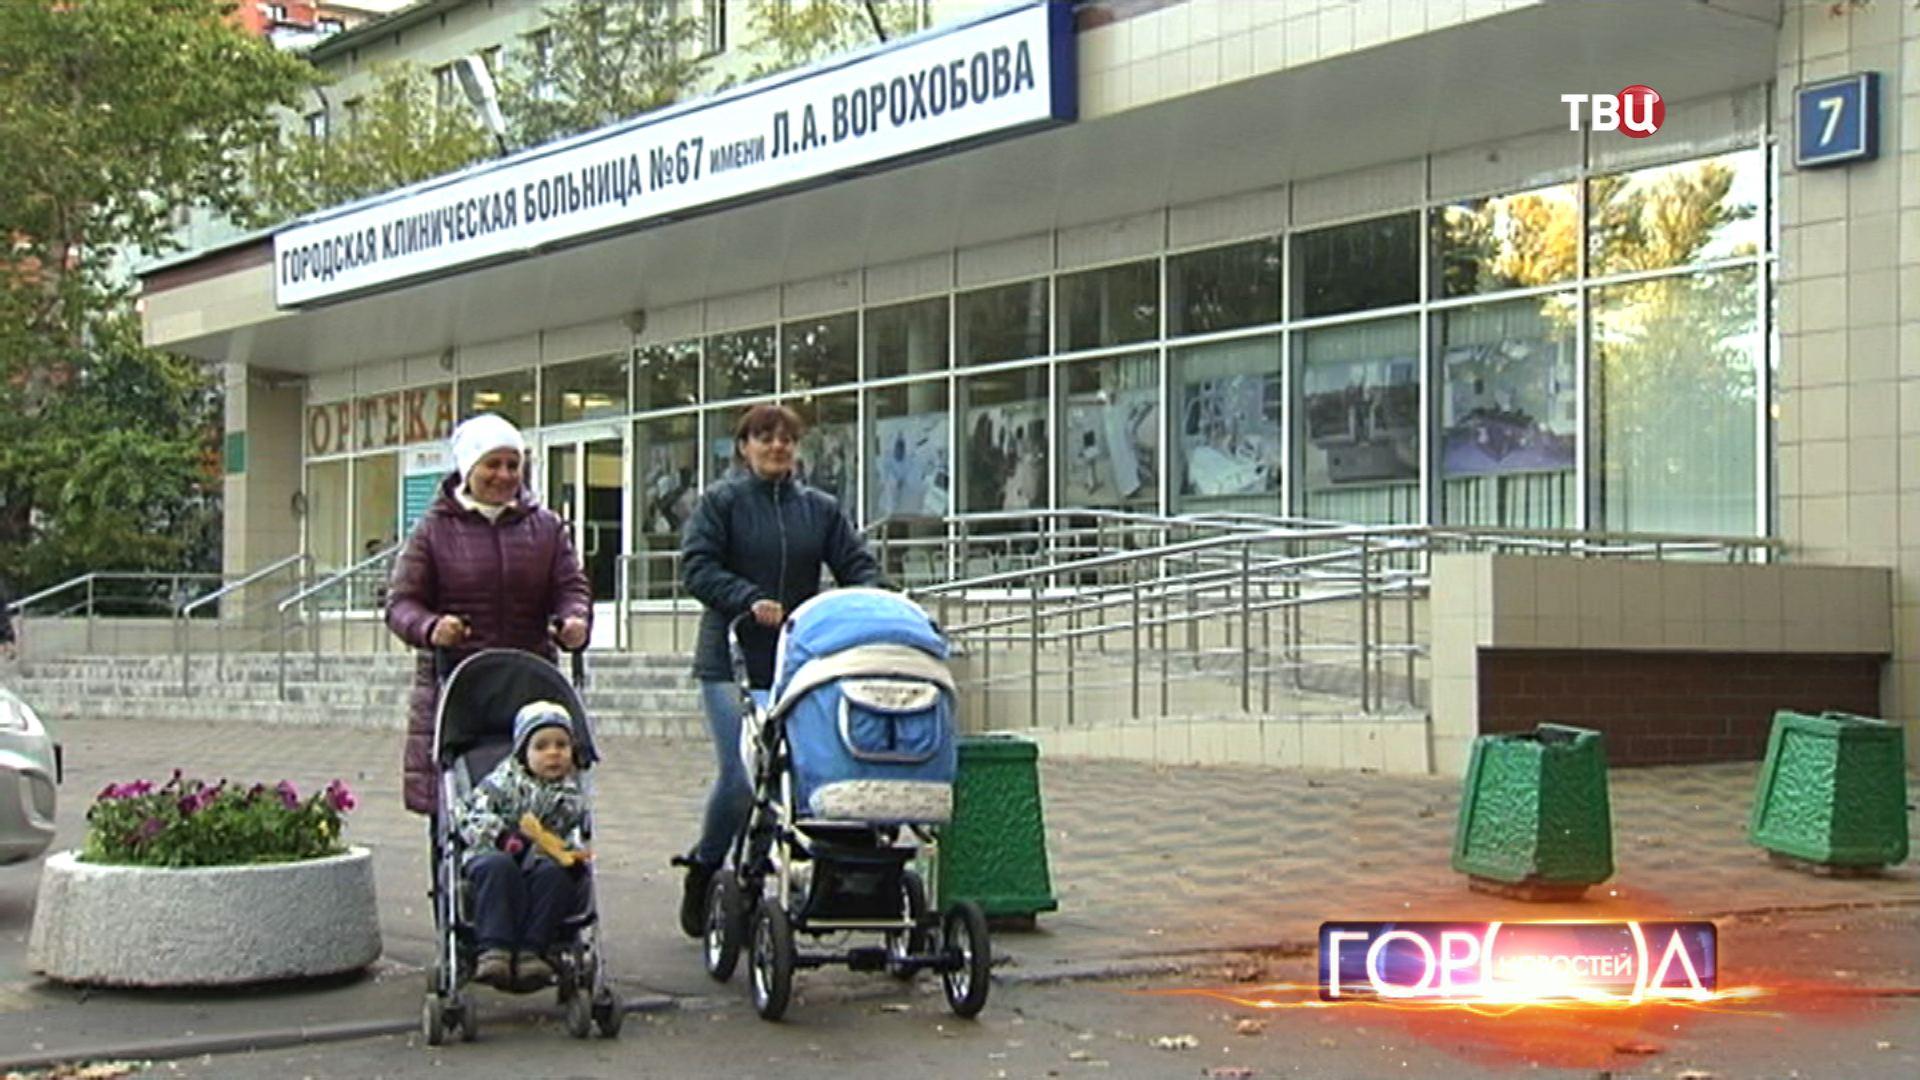 Мамы гуляют с детьми